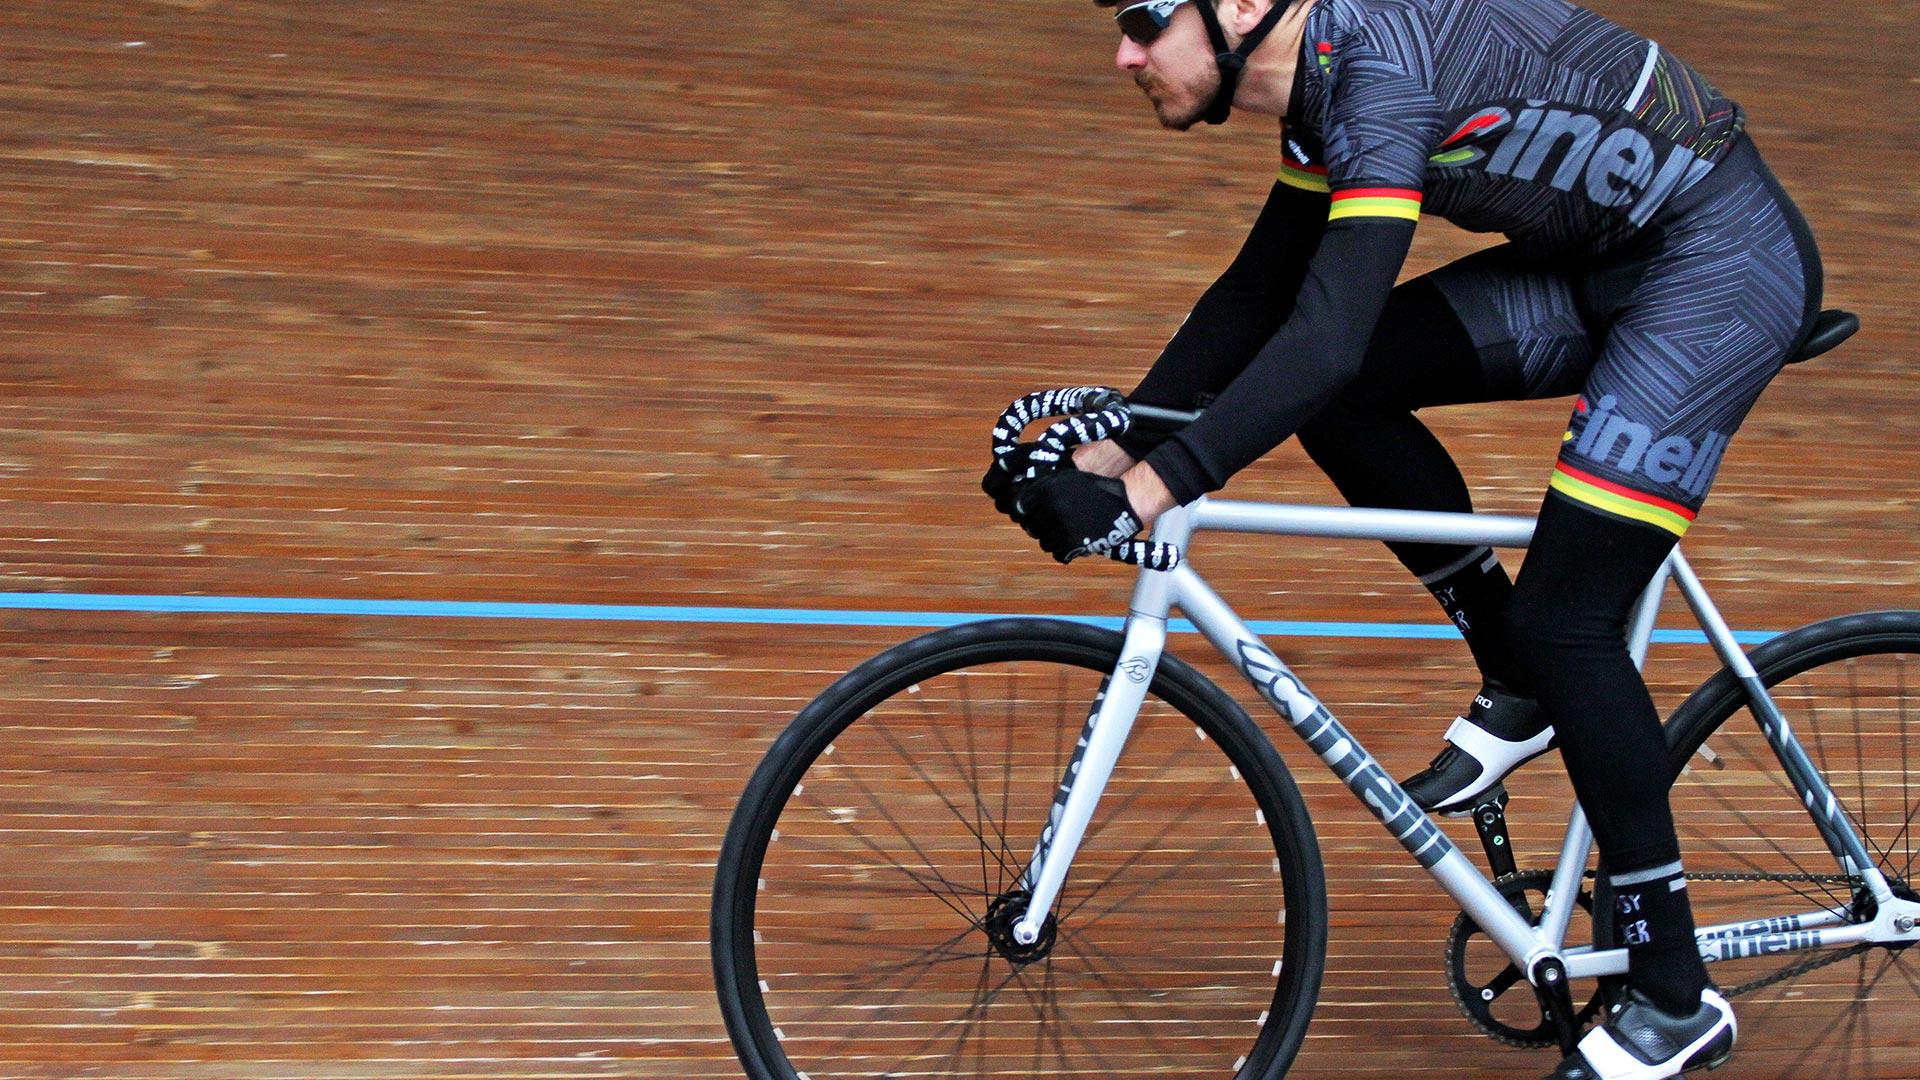 Paolo Bravini testing the Tipo Pista